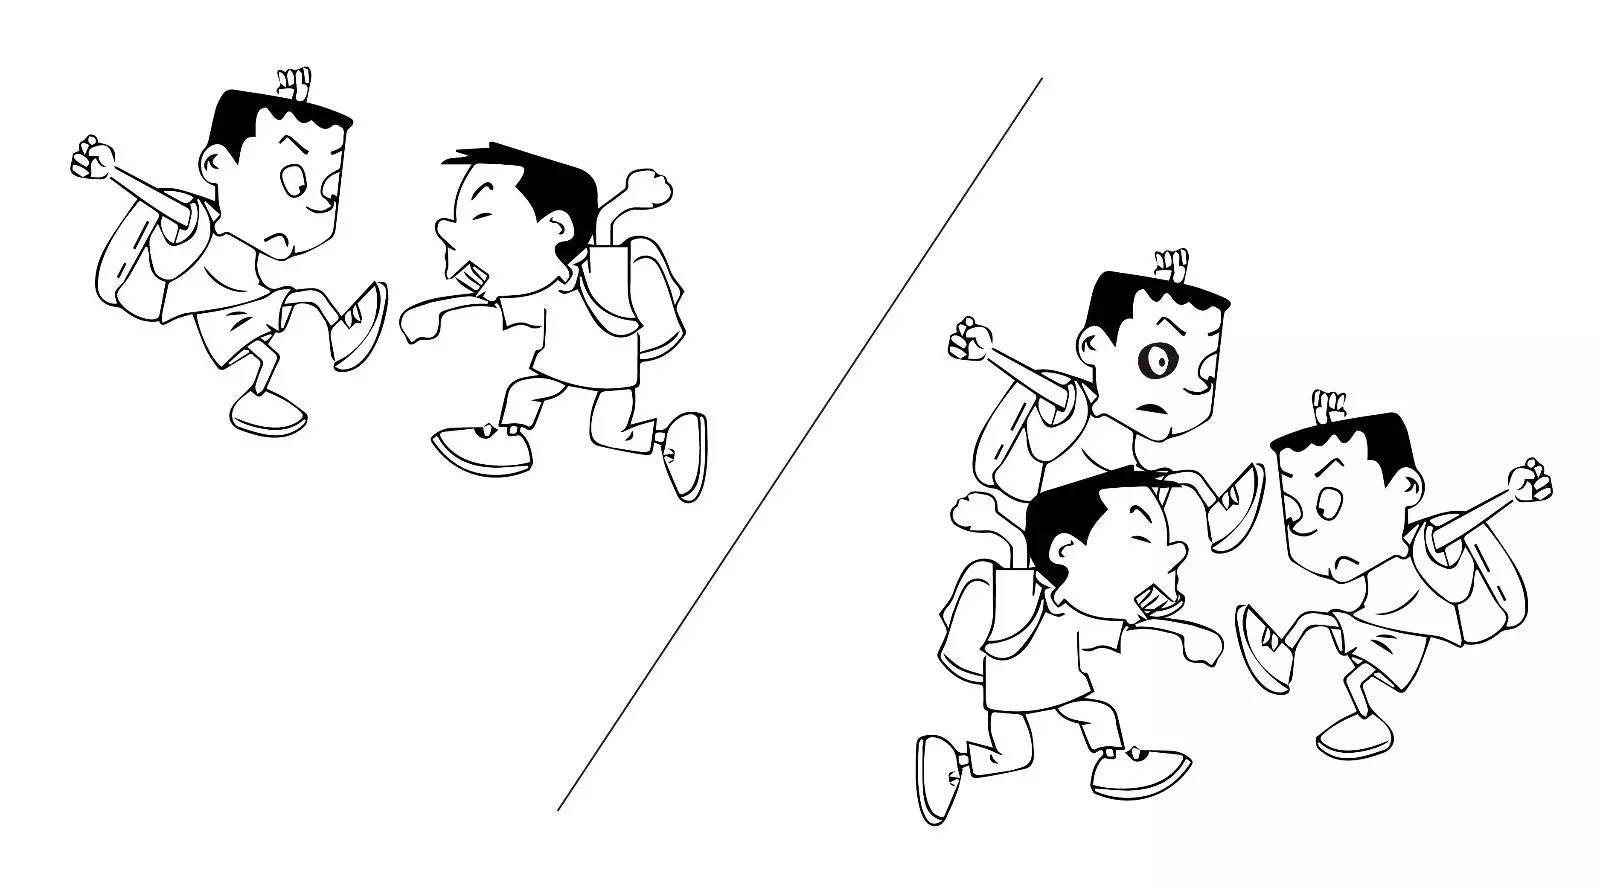 动漫 简笔画 卡通 漫画 手绘 头像 线稿 616_594